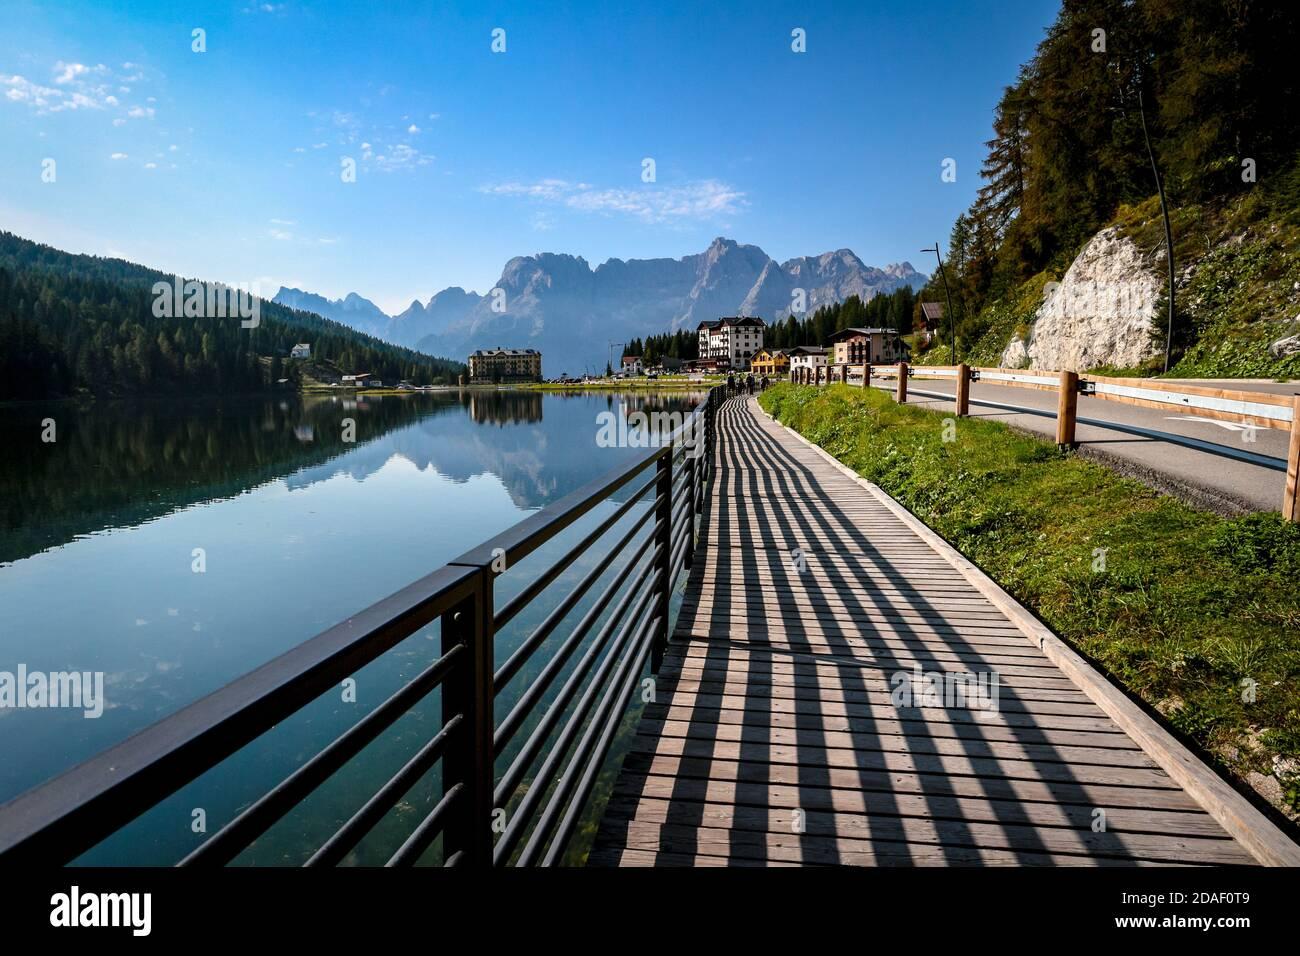 Lago di Misurina und harte Schattenlinien mit spiegelnden See-Spiegelungen des alpinen Bergpanoramas der Dolomiten in Misurina, Venetien, Italien. Stockfoto